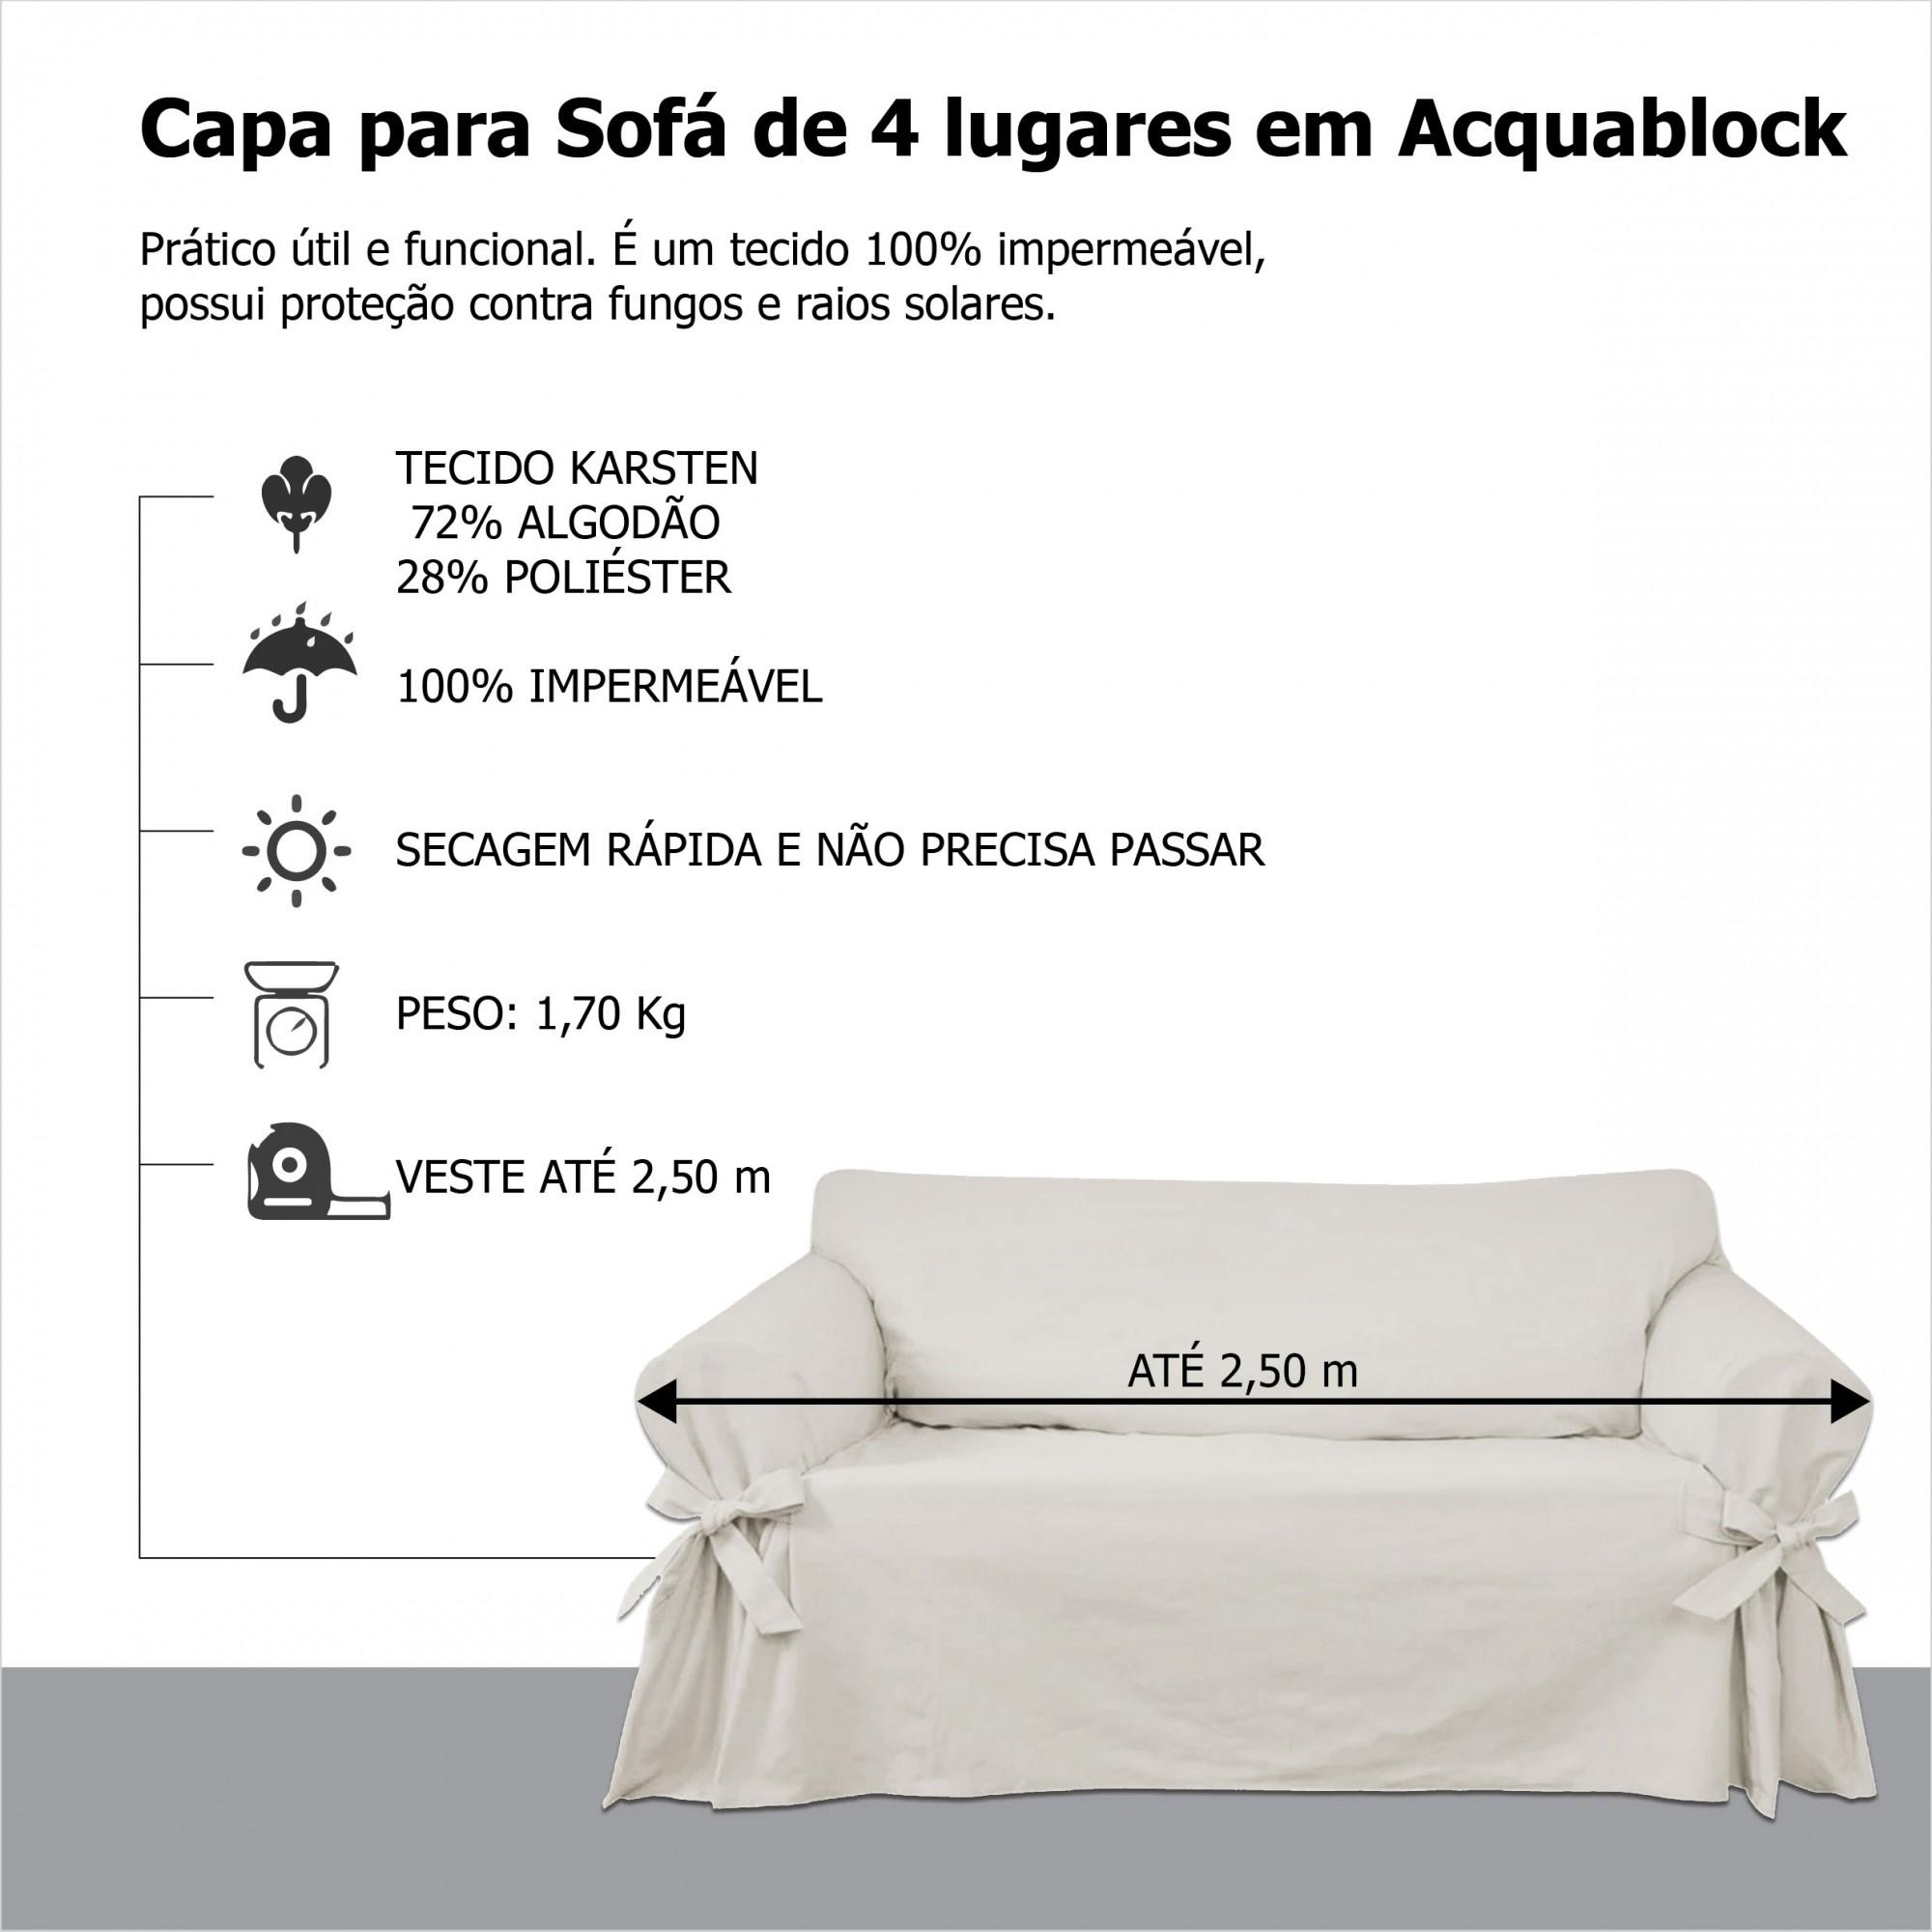 Capa p/ Sofá de 4 Lug GRAFITE em Acquablock Impermeável